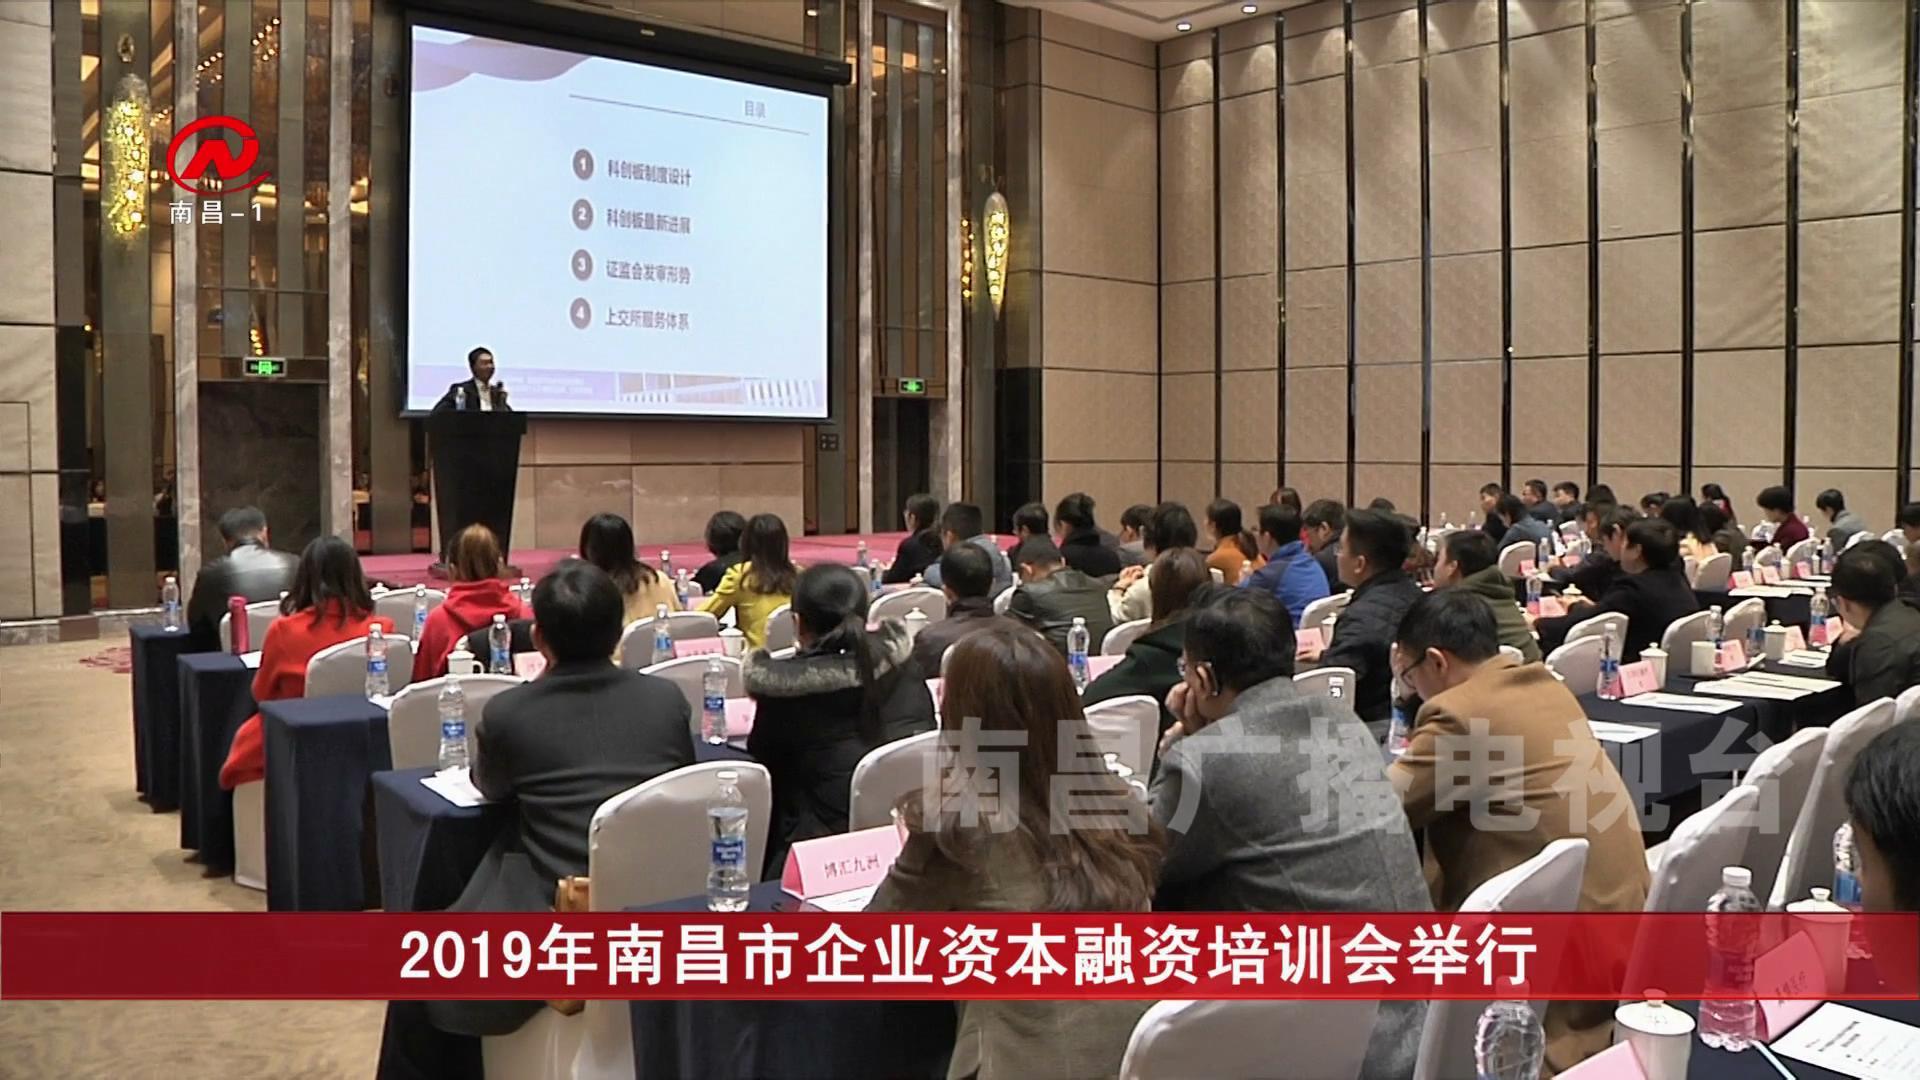 2019年南昌市企業資本融資培訓會舉行